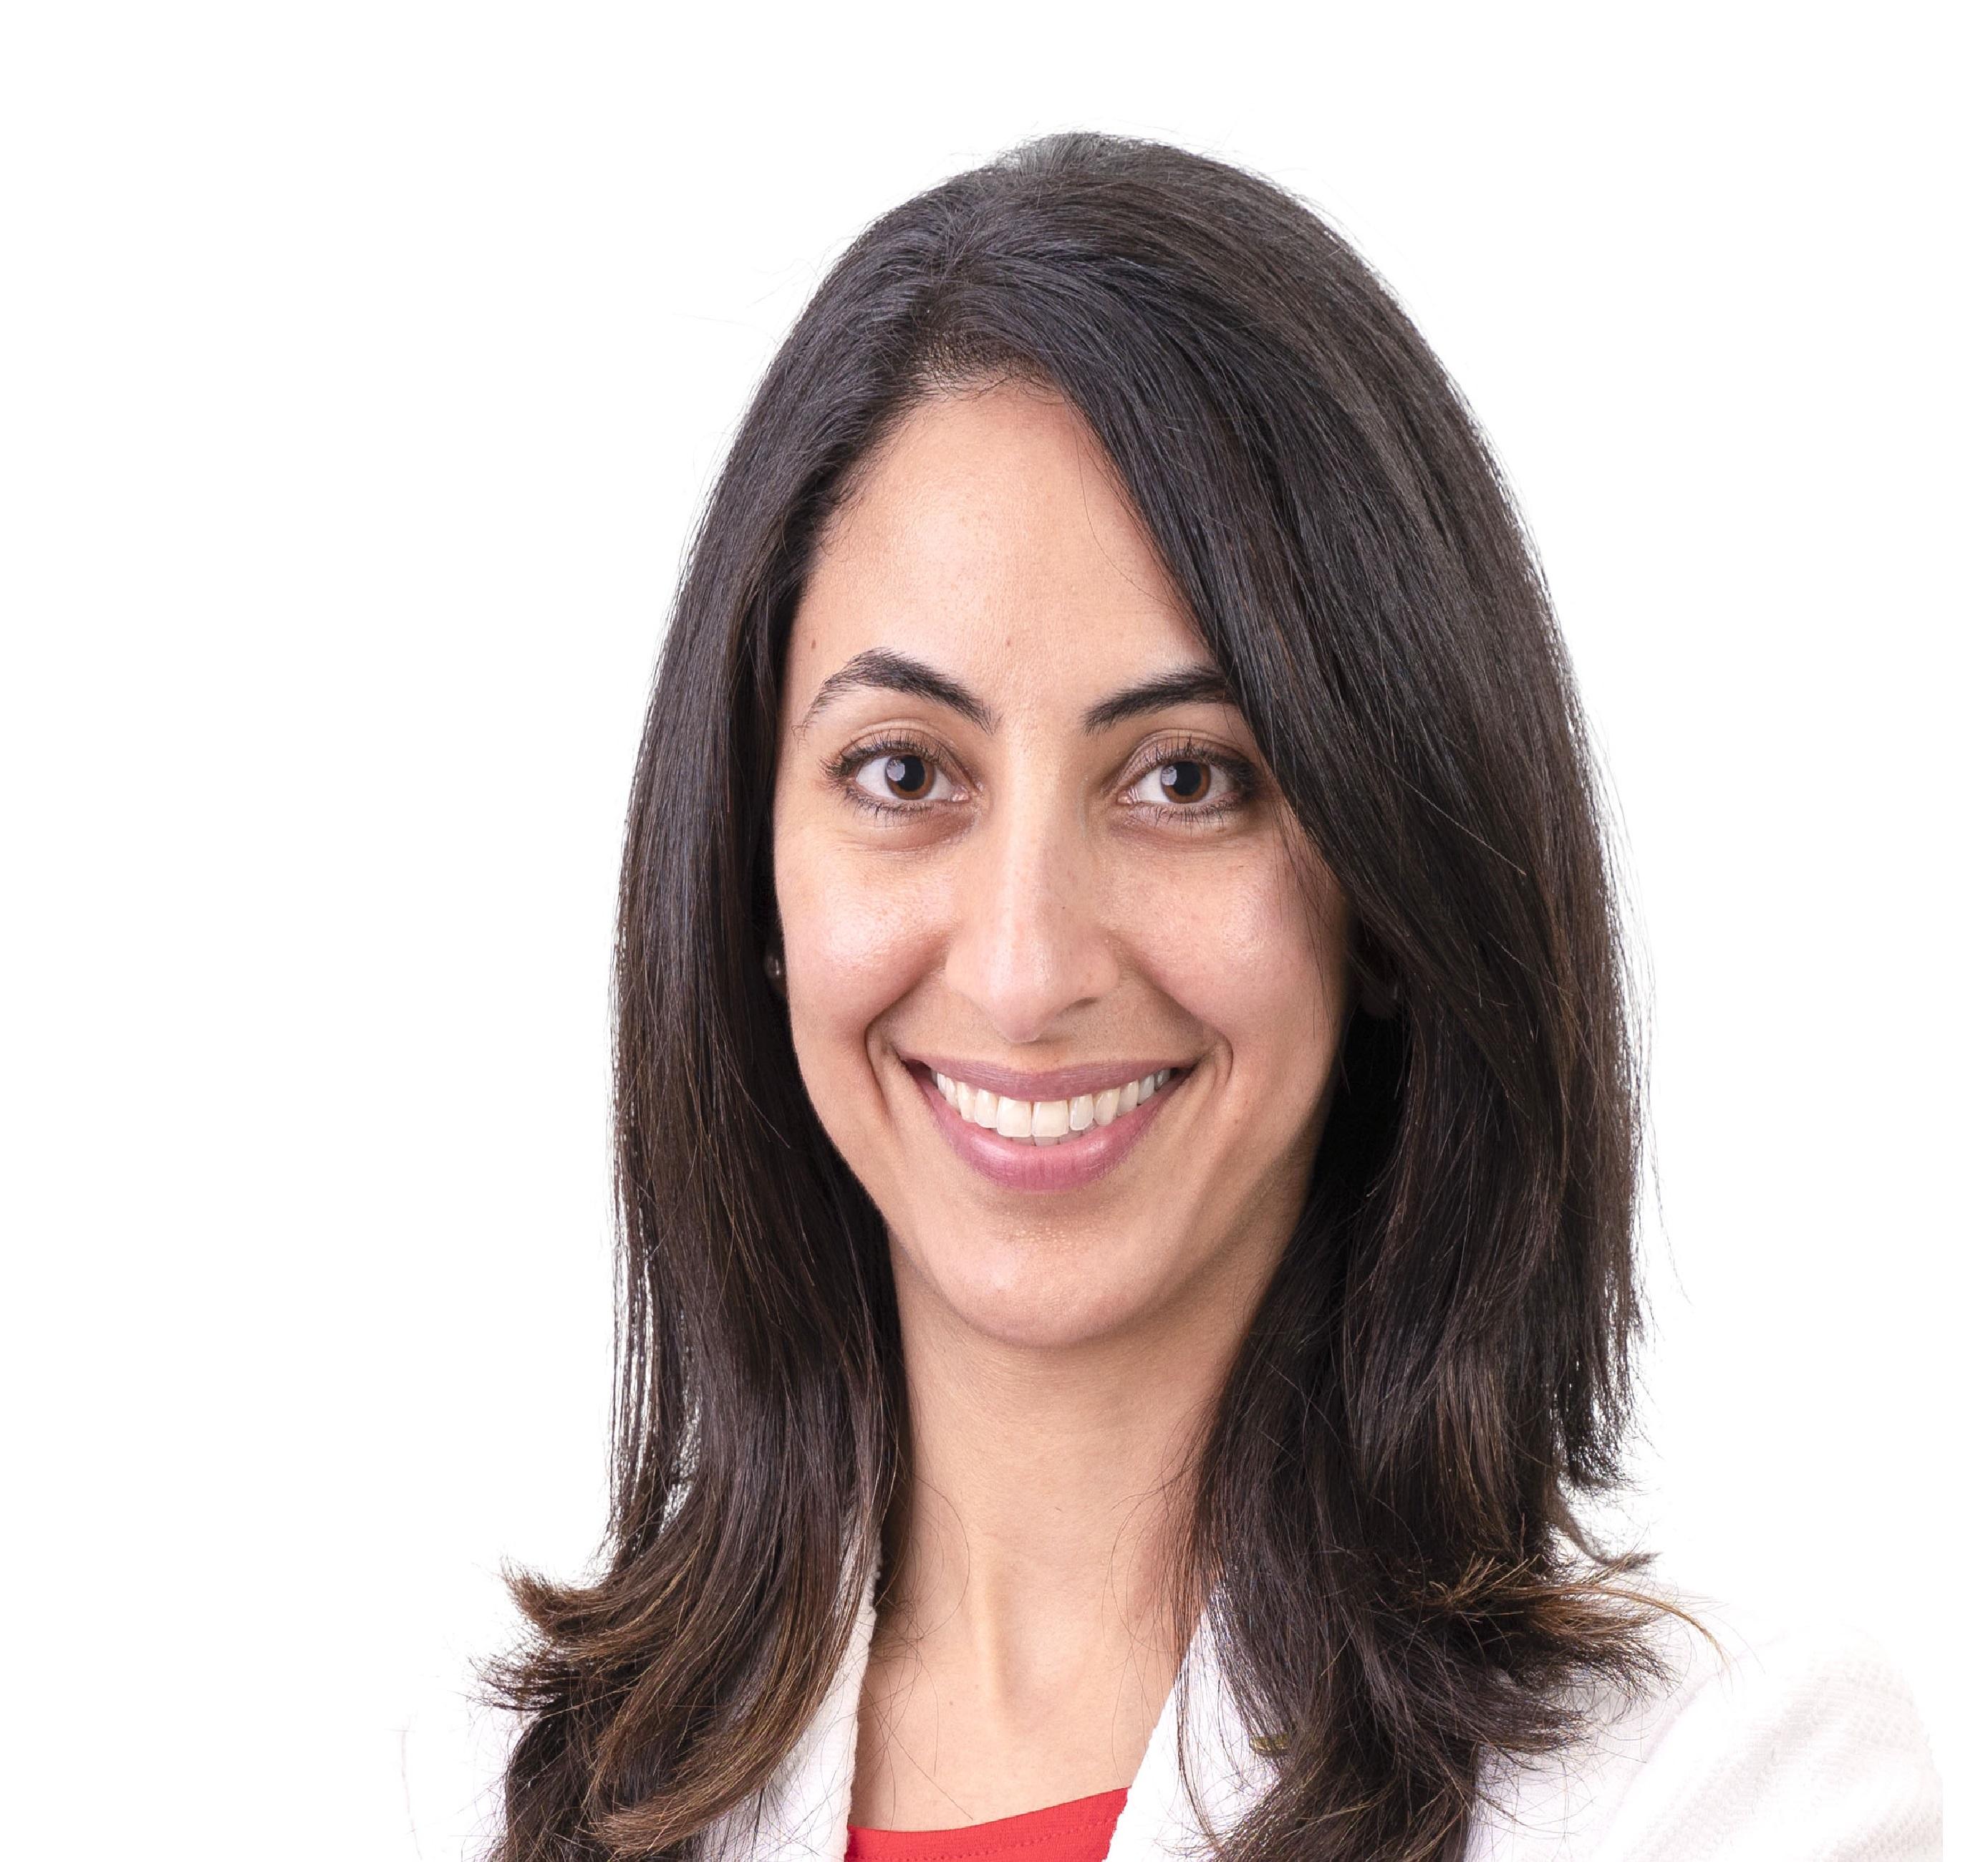 Samantha Rafie